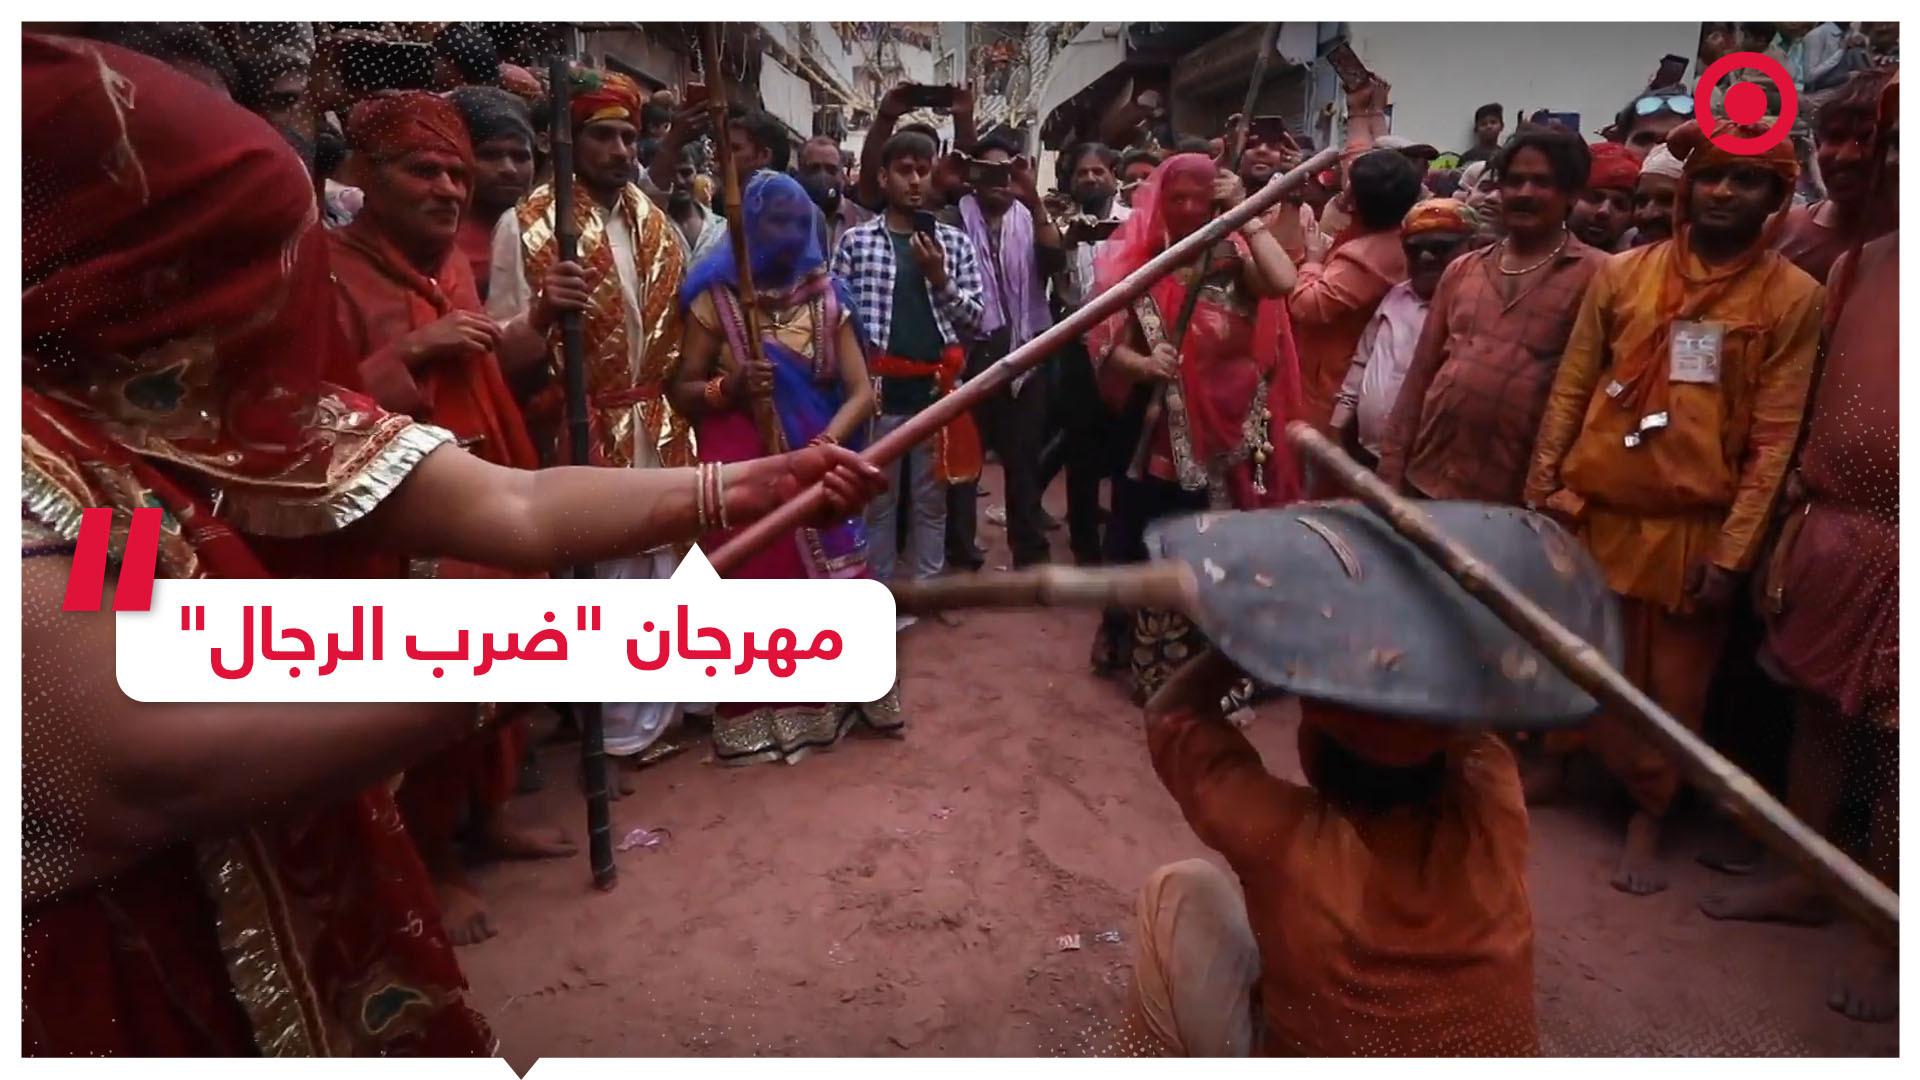 مهرجان بالهند يحتم على النساء ضرب الرجال